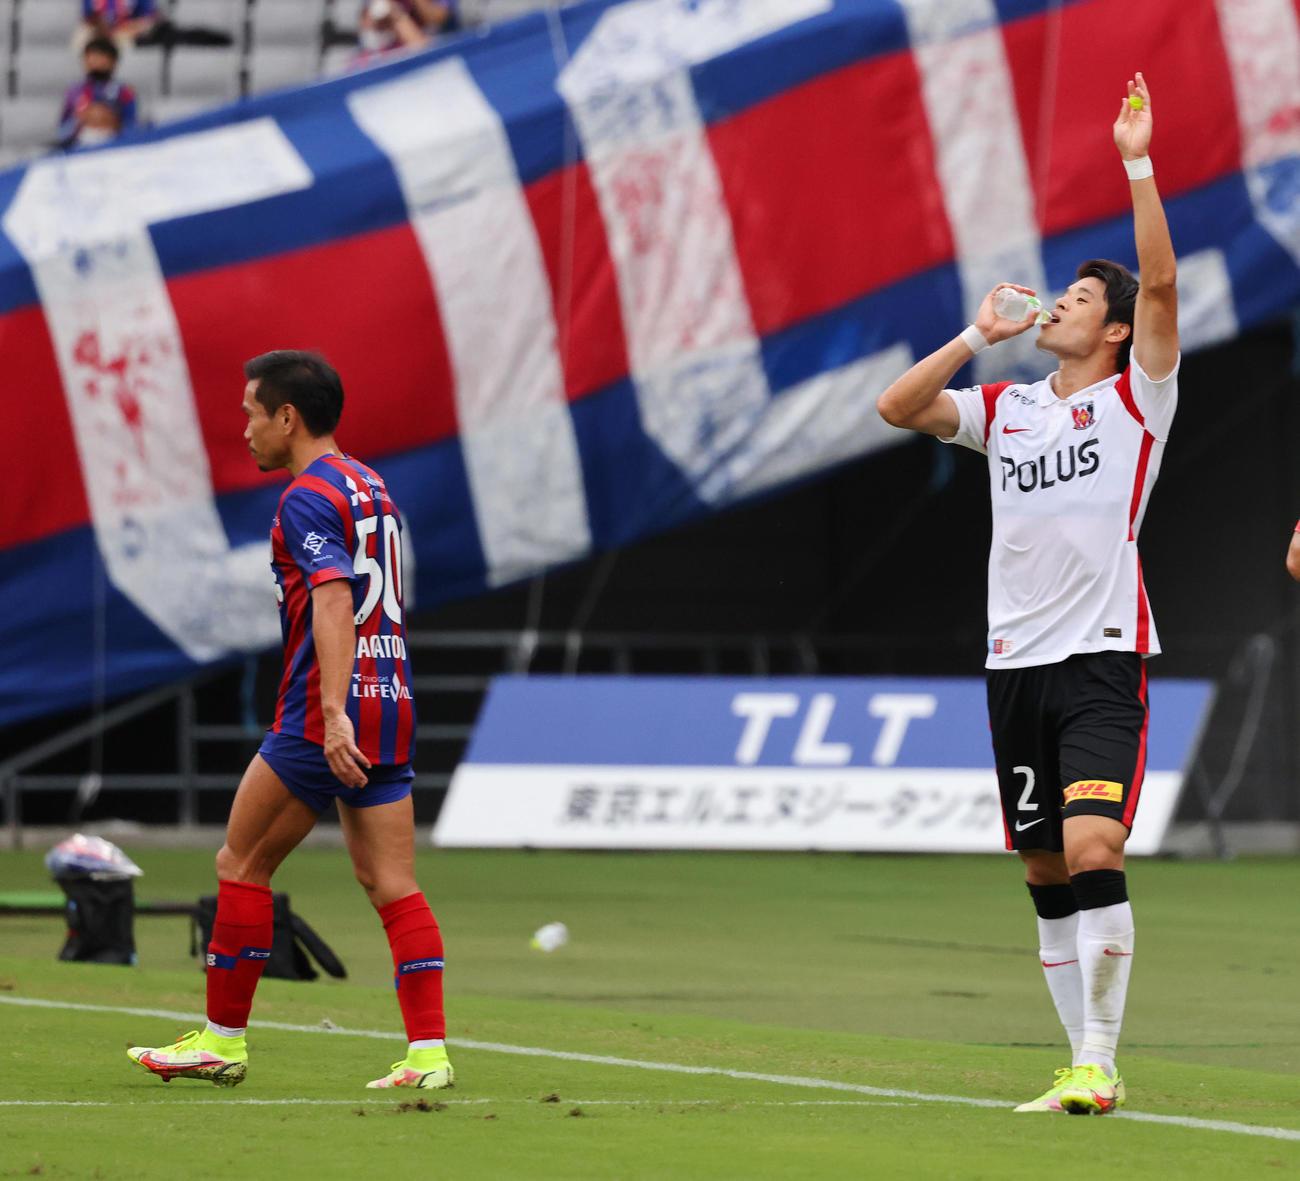 東京対浦和 前半、VARの結果ゴールの判定となり喜ぶ浦和酒井(右)。左は東京長友(撮影・垰建太)